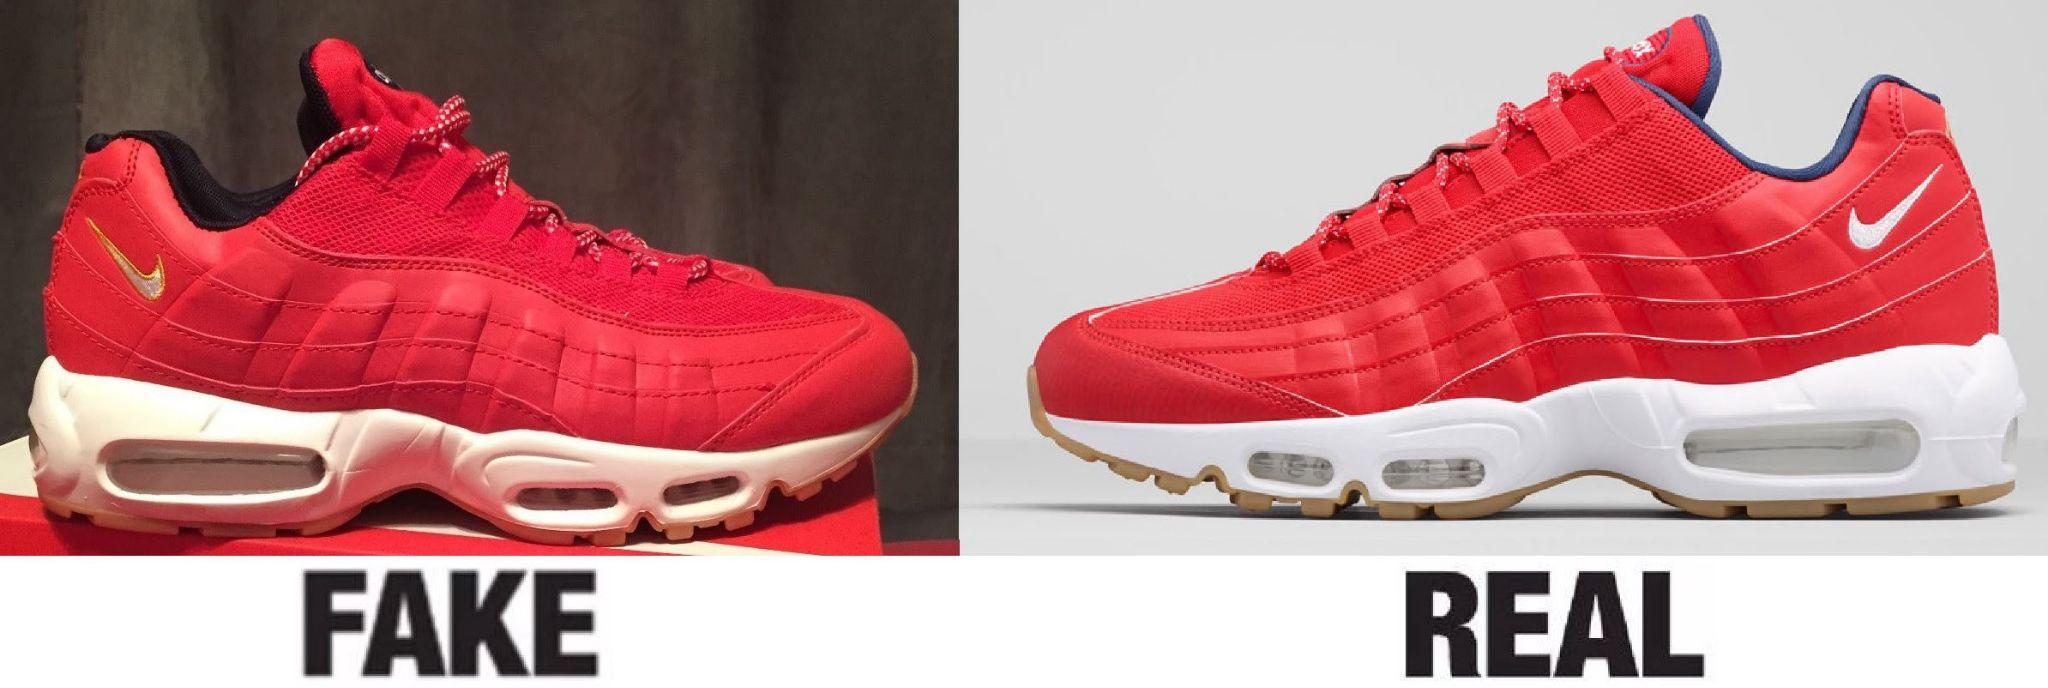 Отличия оригинальных кроссовок от подделок